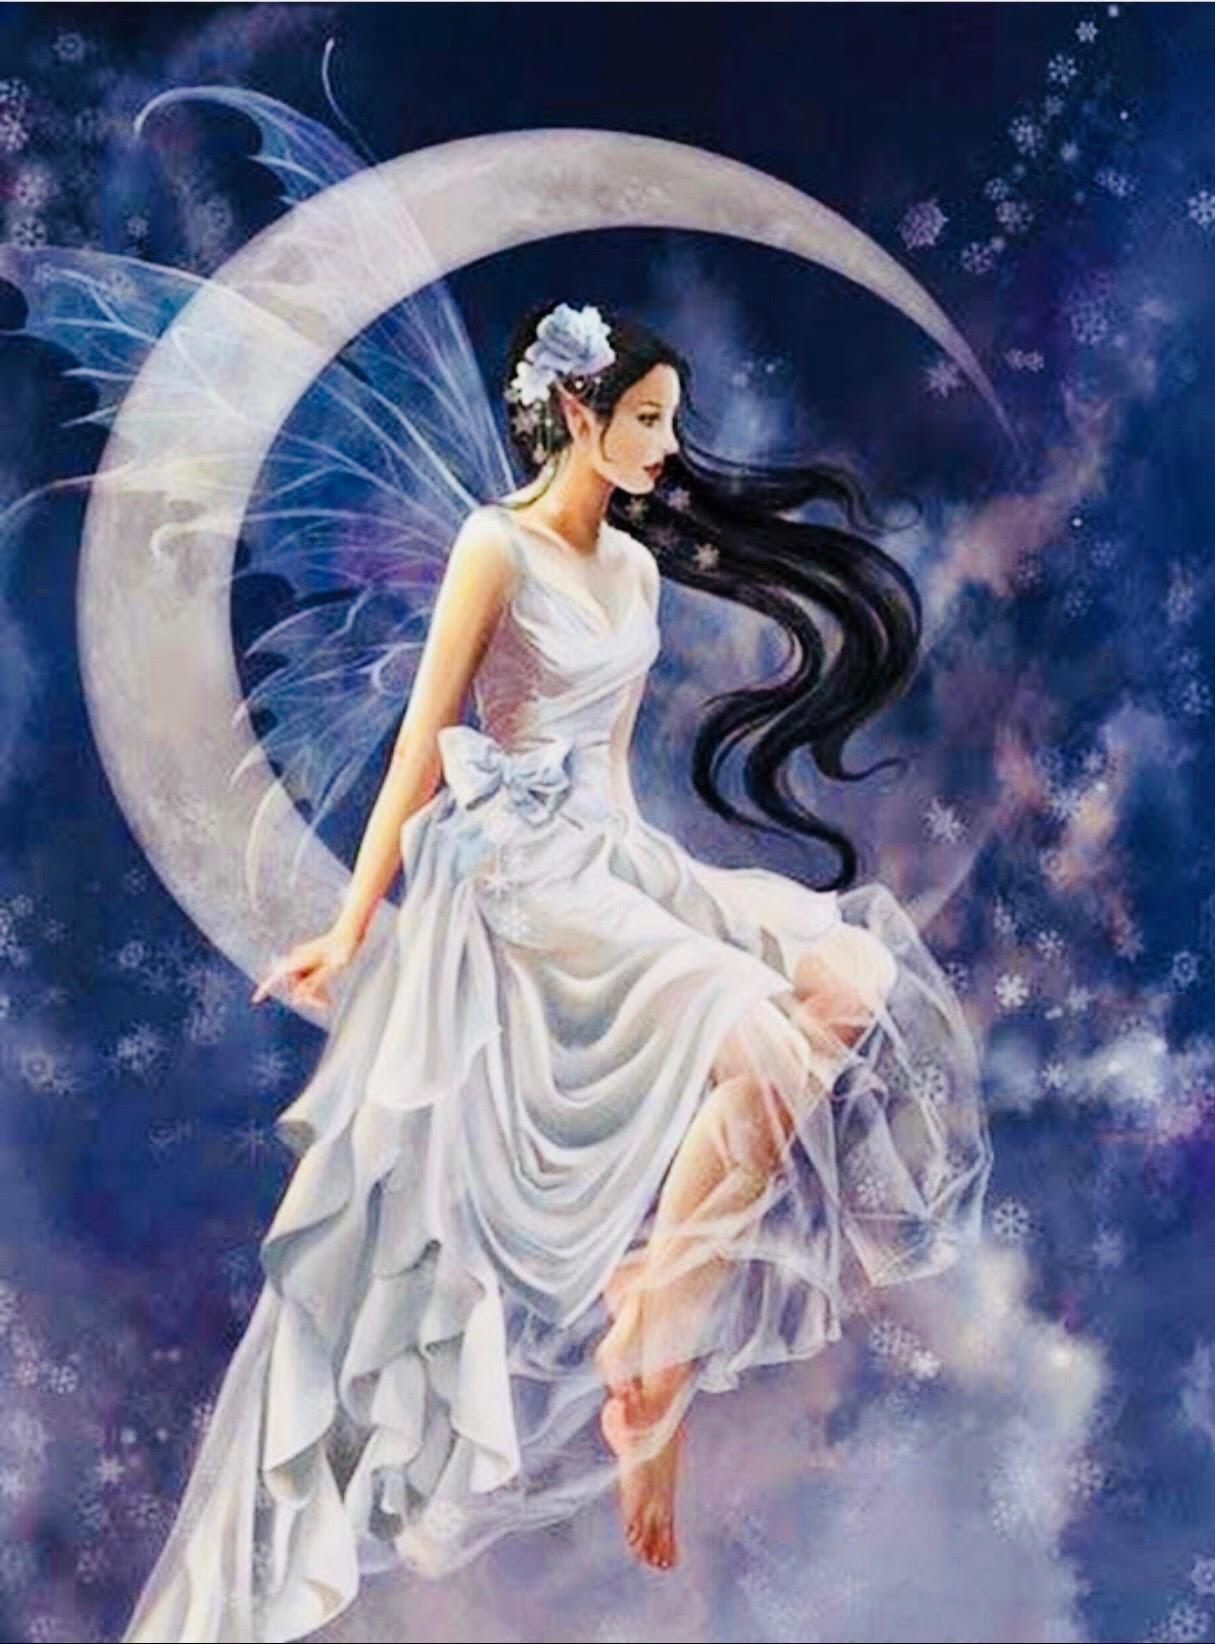 Yoli lune Voyance